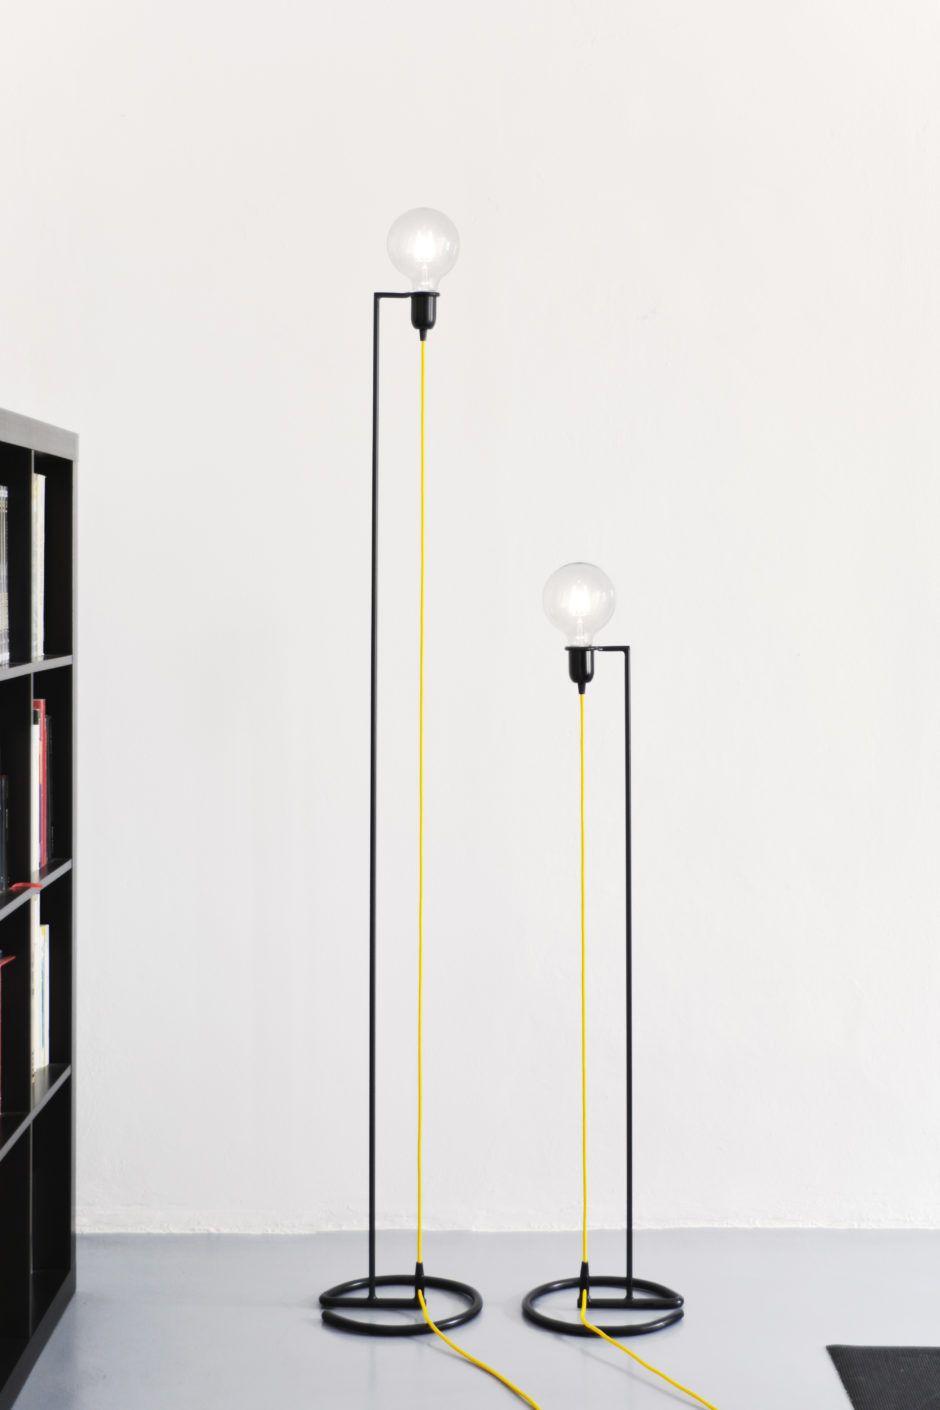 Harus Buat Dengan Gambar Lampu Lantai Desain Interior Modern Aksesori Rumah